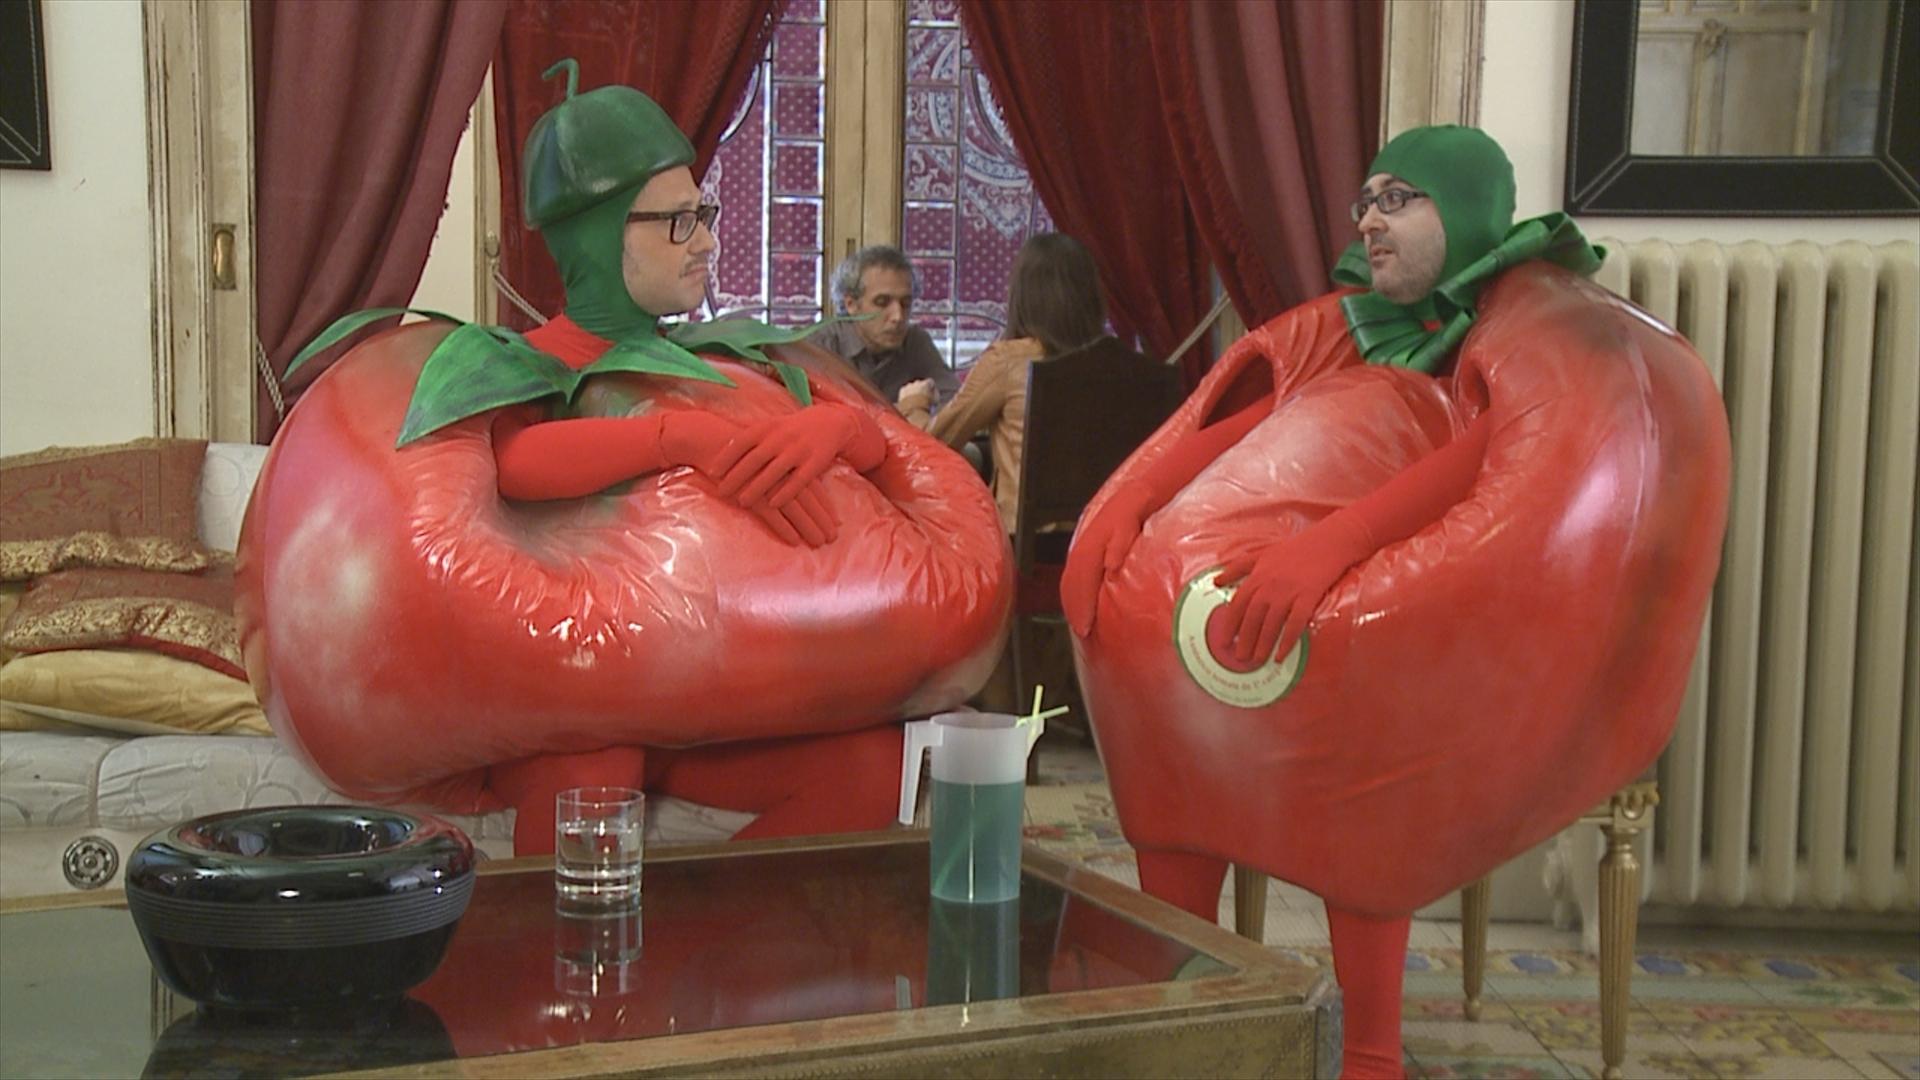 Dos tomates y un destino